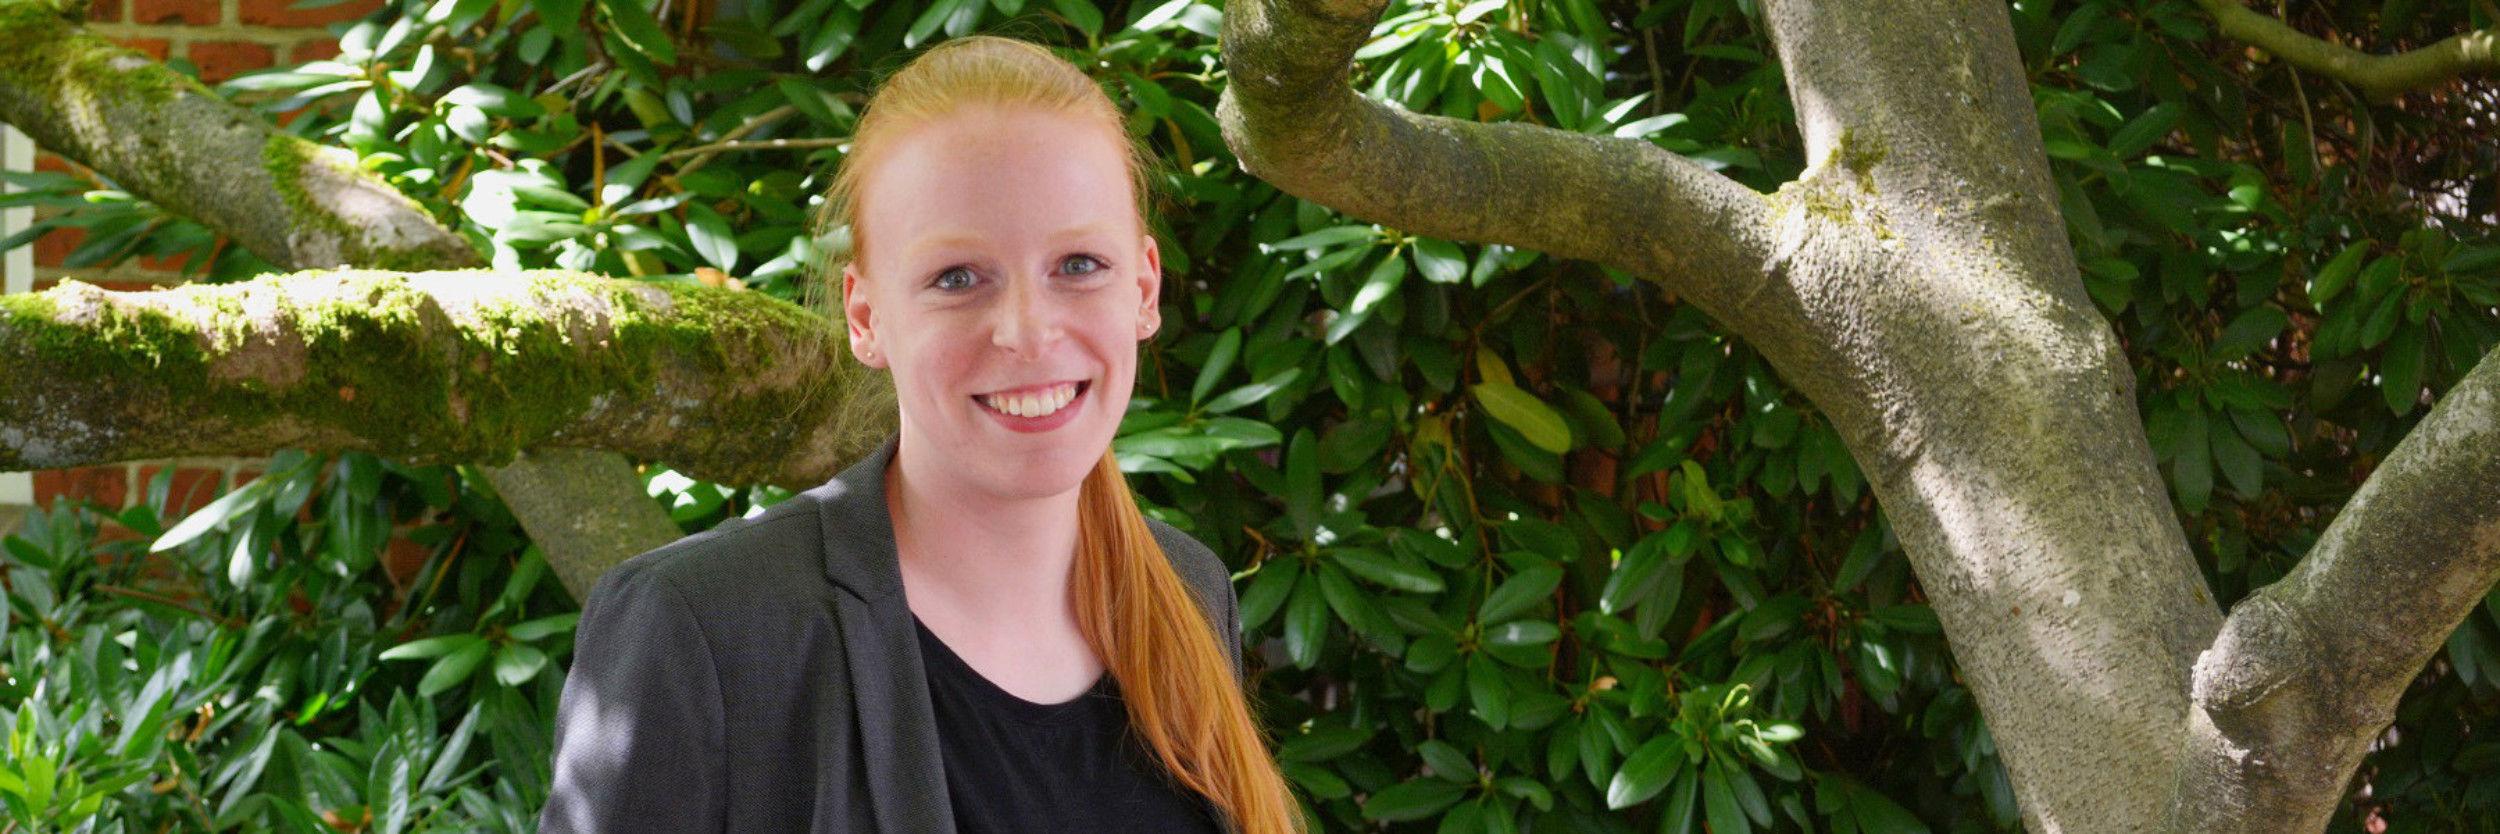 Regionalmanagerin Mona Berstermann im Interview